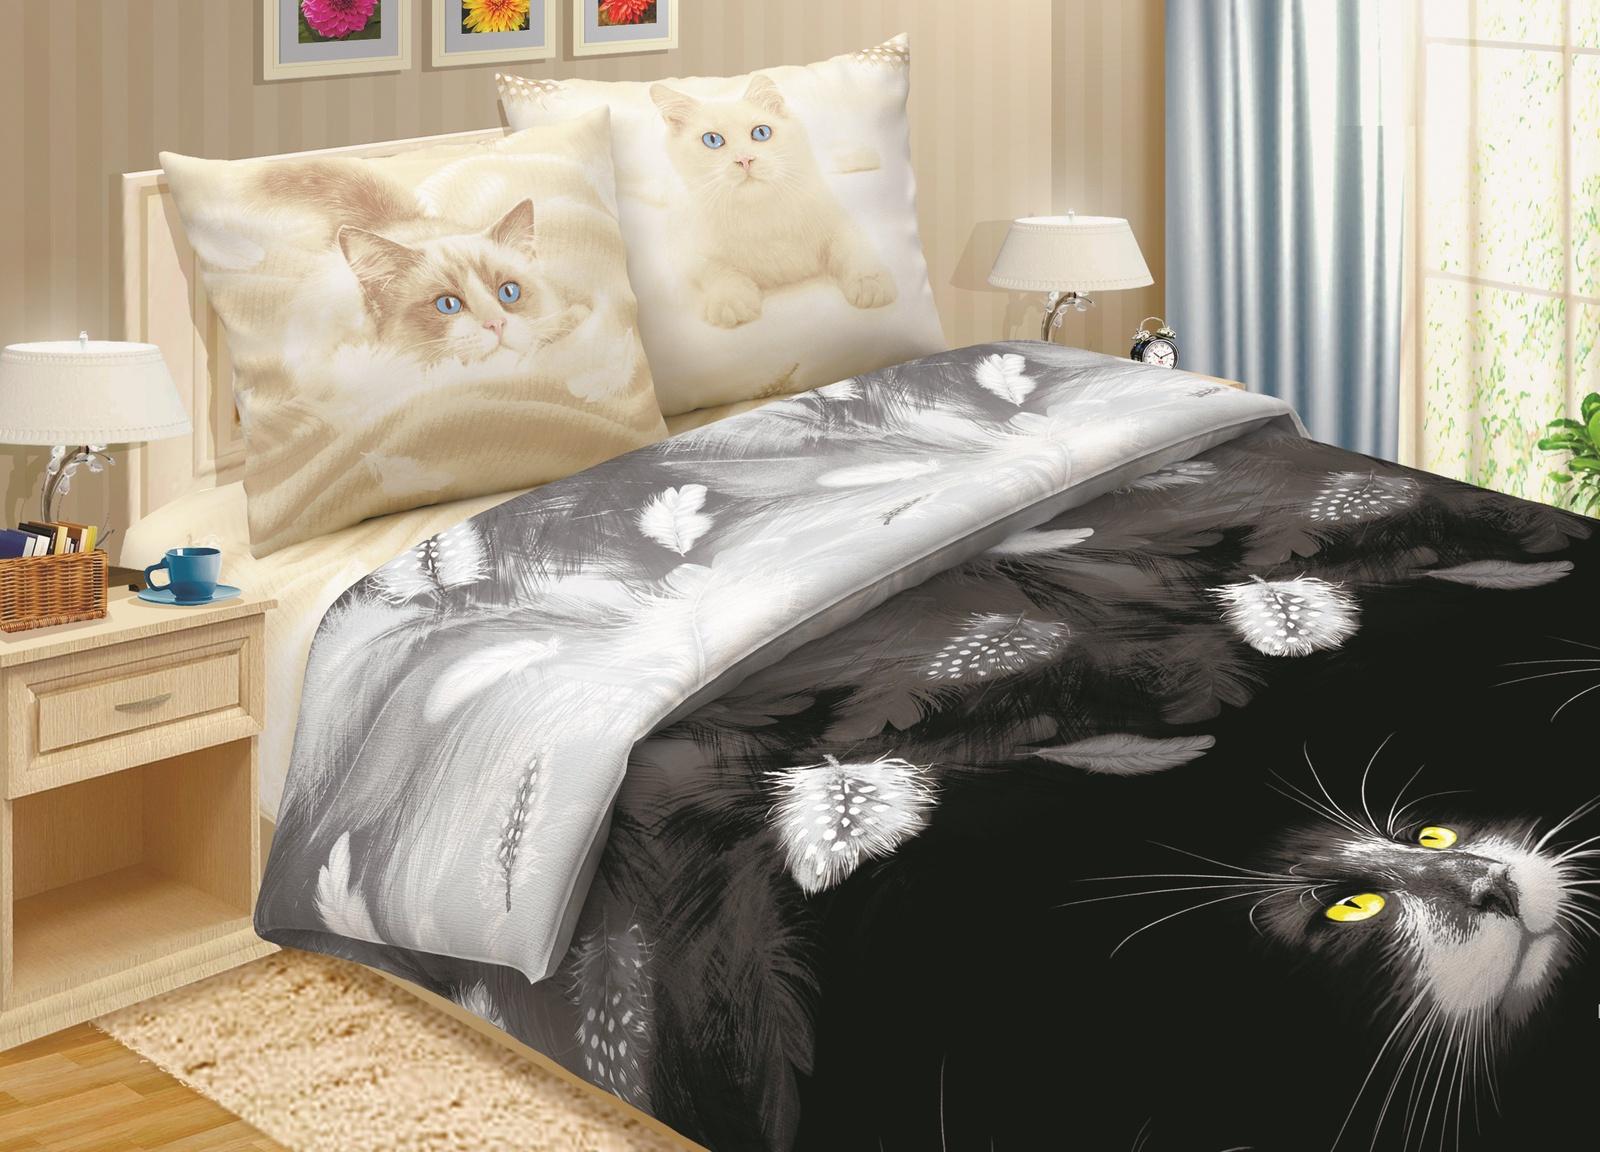 Комплект постельного белья ТК Традиция Pastel, для сна и отдыха, 1205/Ласка, черно-серый